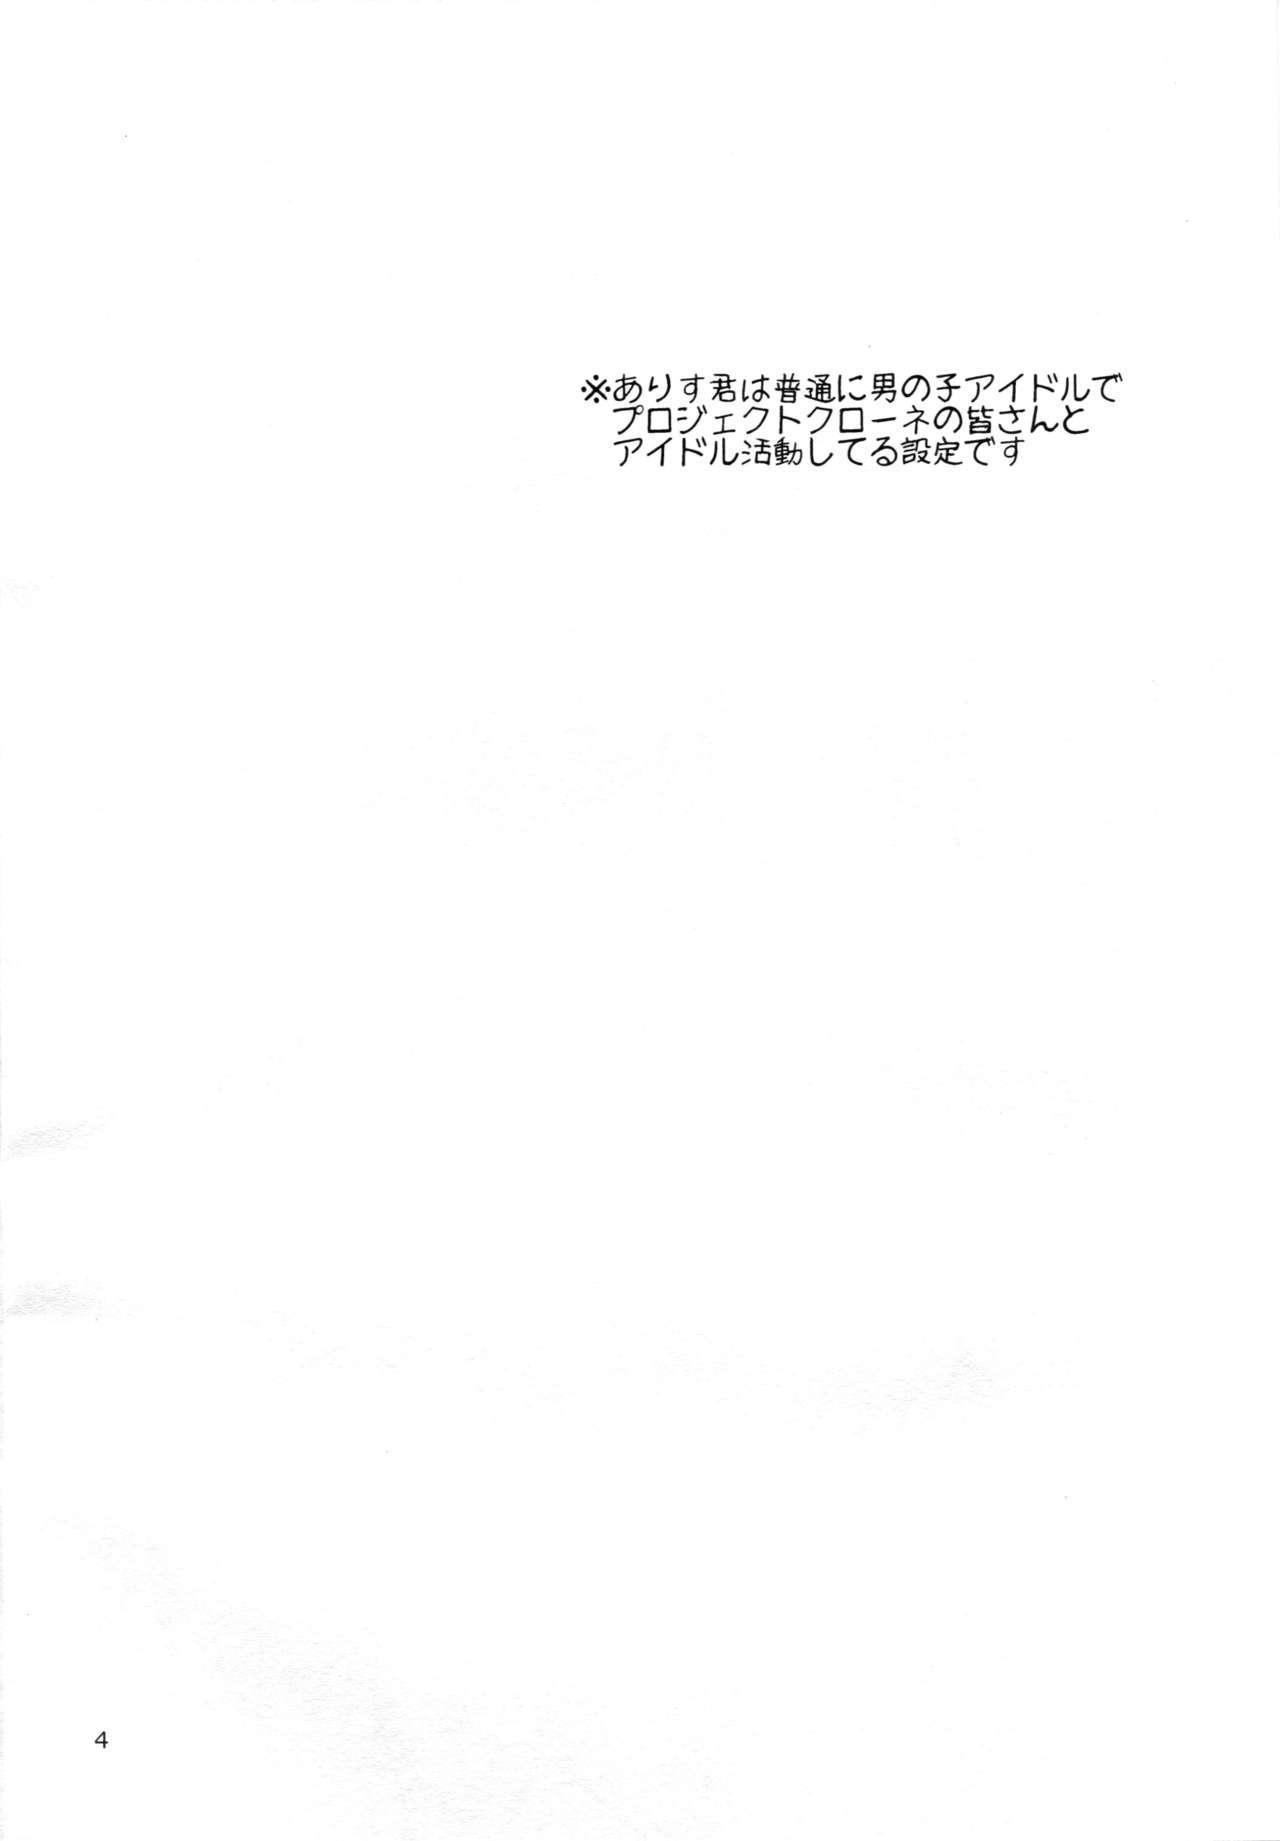 Shounen Arisu to Kindan no Kajitsu 2